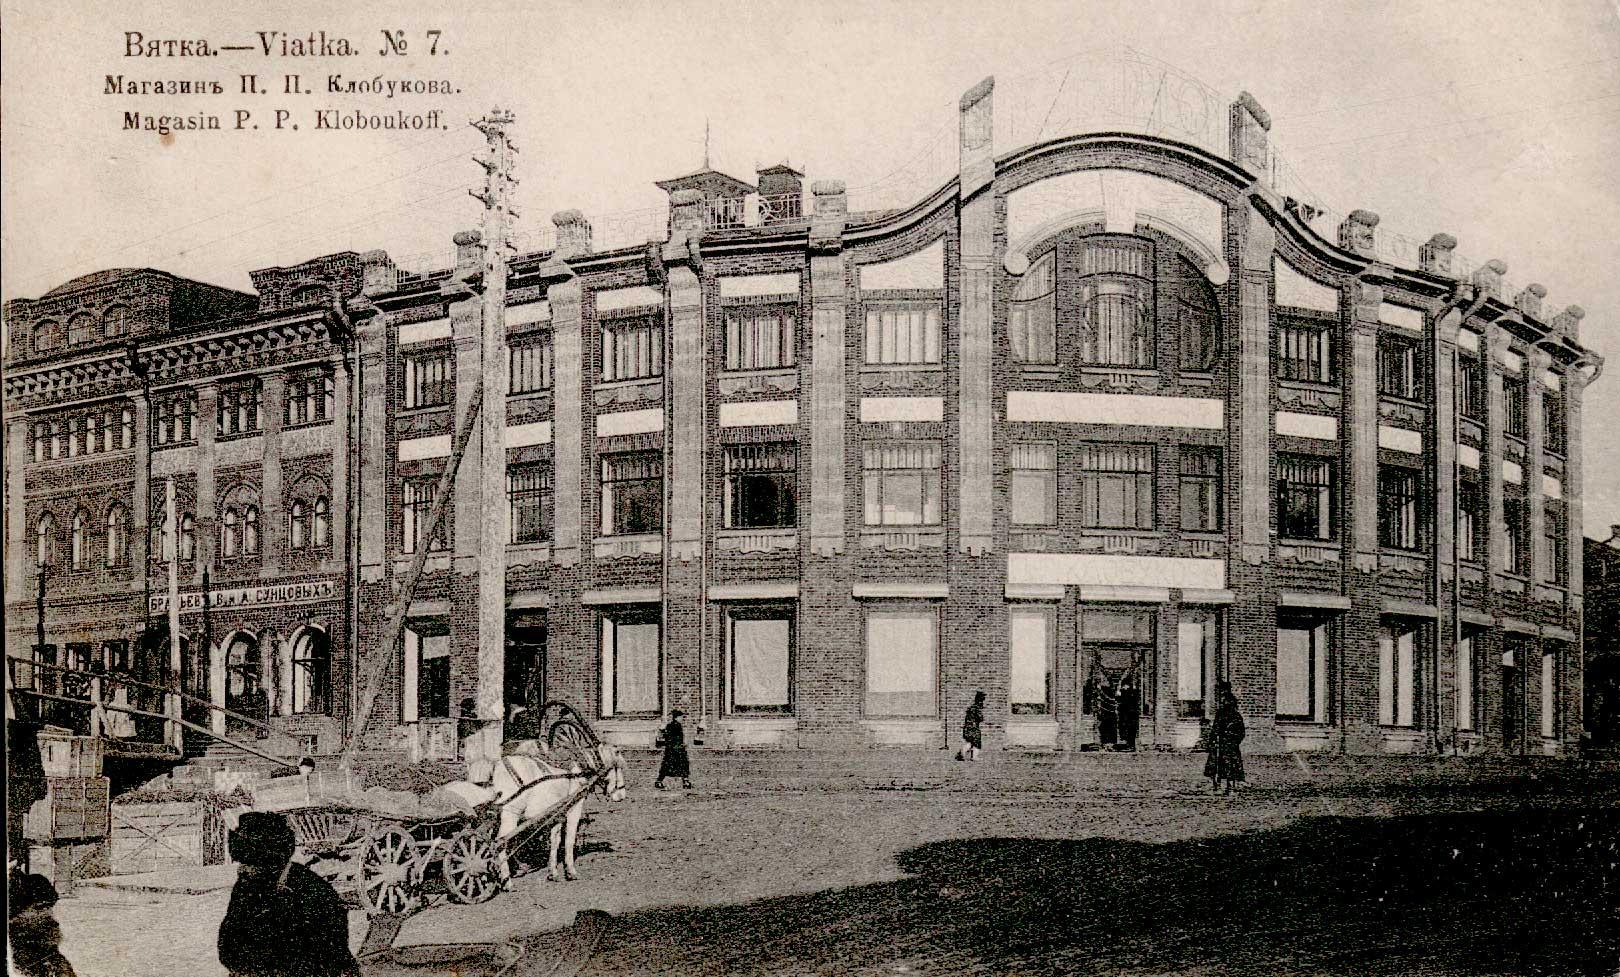 Магазин П.П.Клобукова и братьев Сунцовых